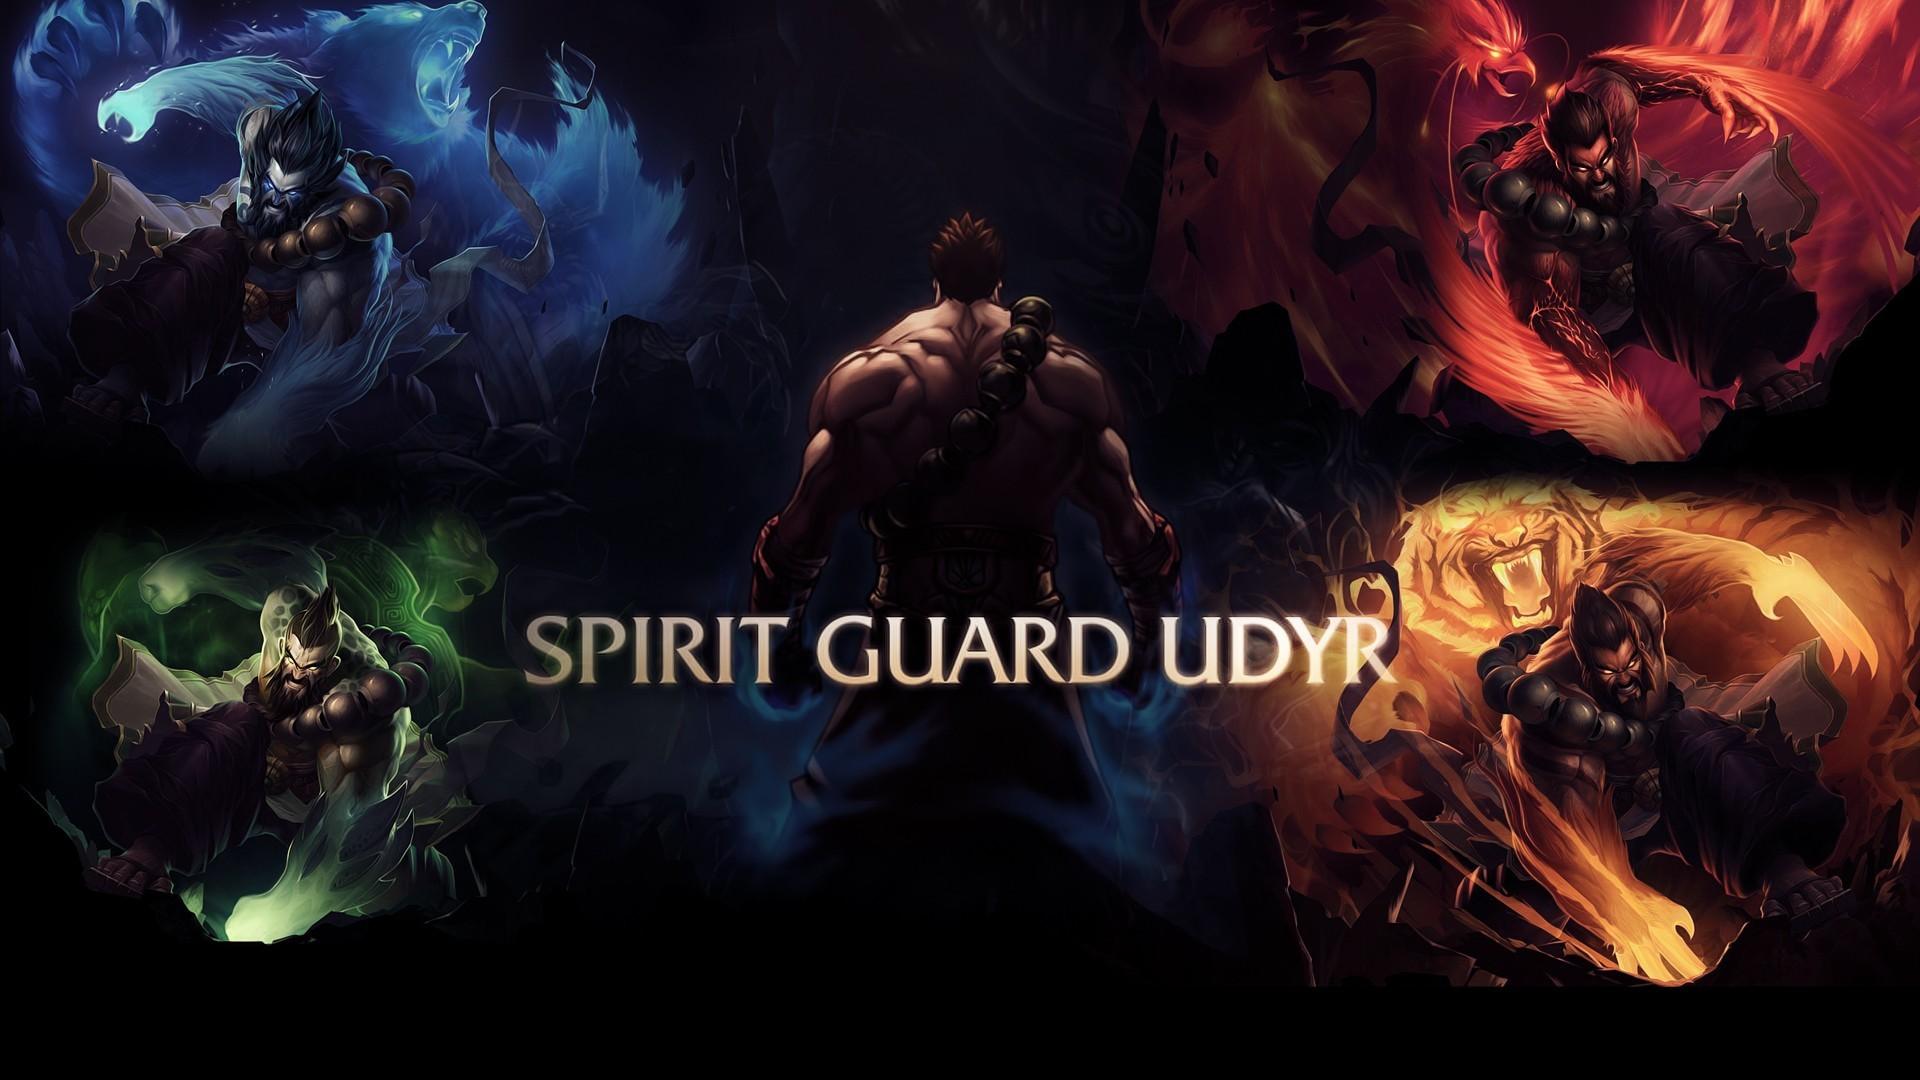 desktop backgrounds league of legends #2